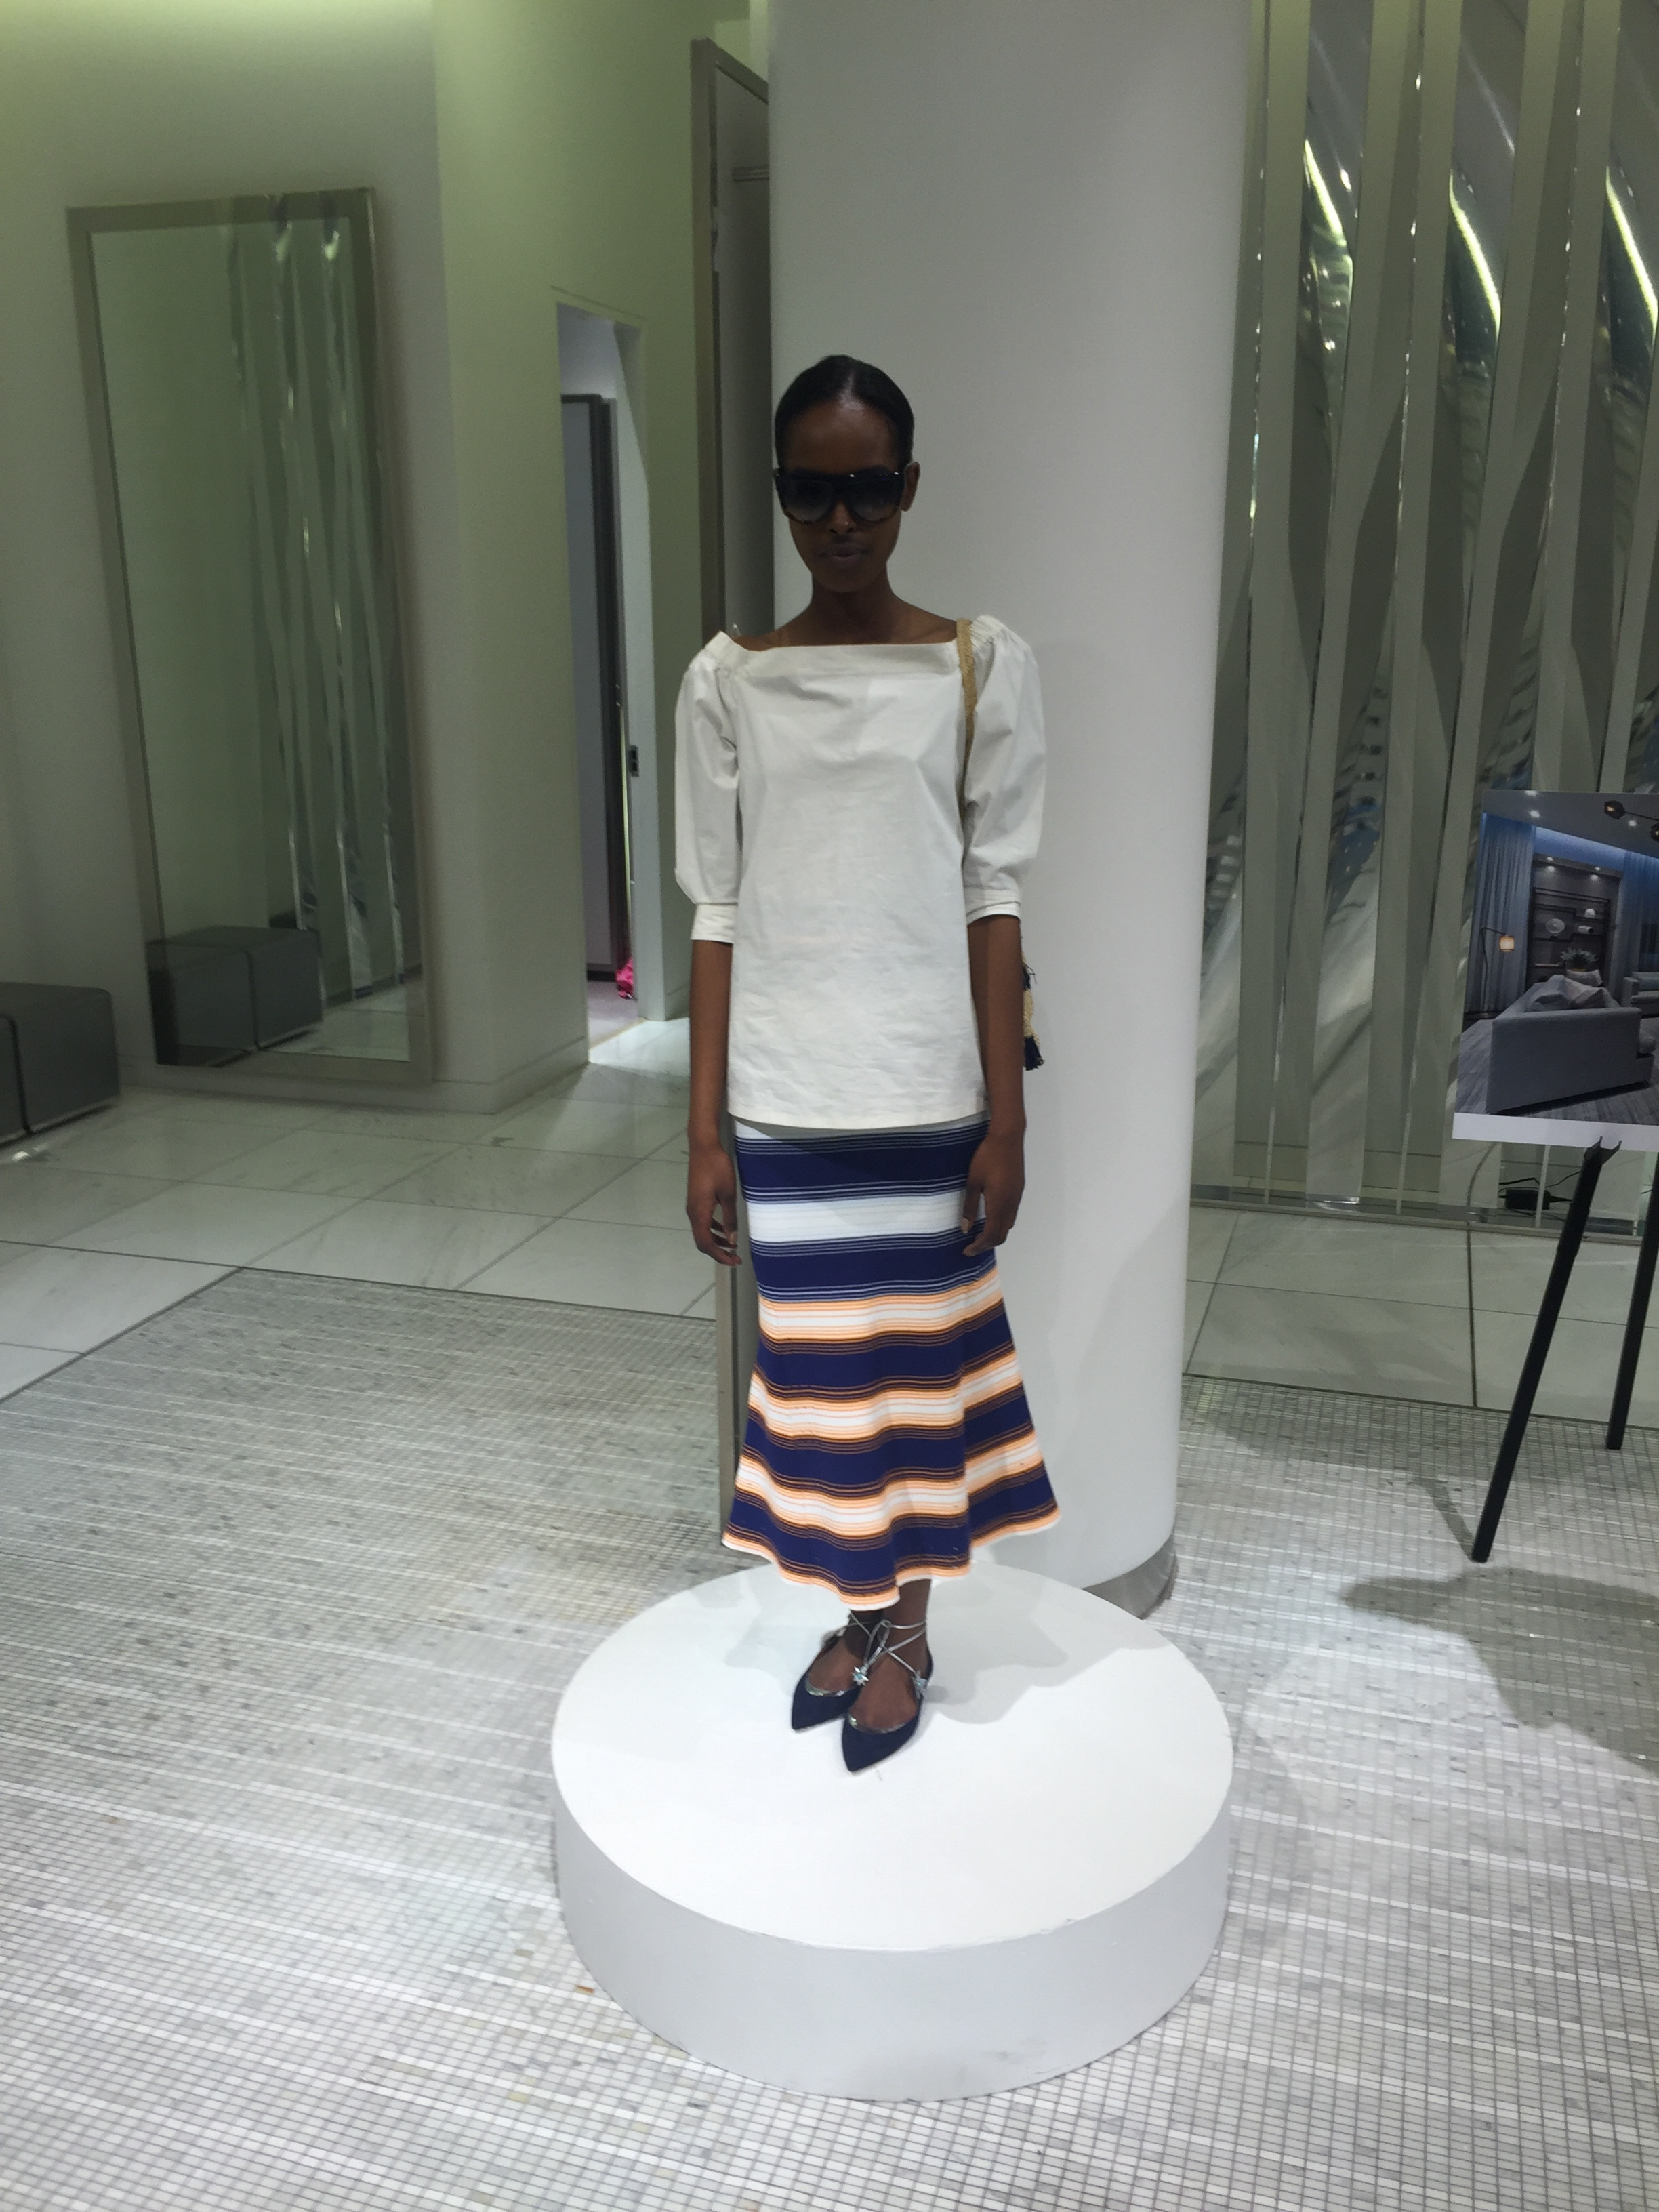 top, THEORY. skirt, TANYA TAYLOR.